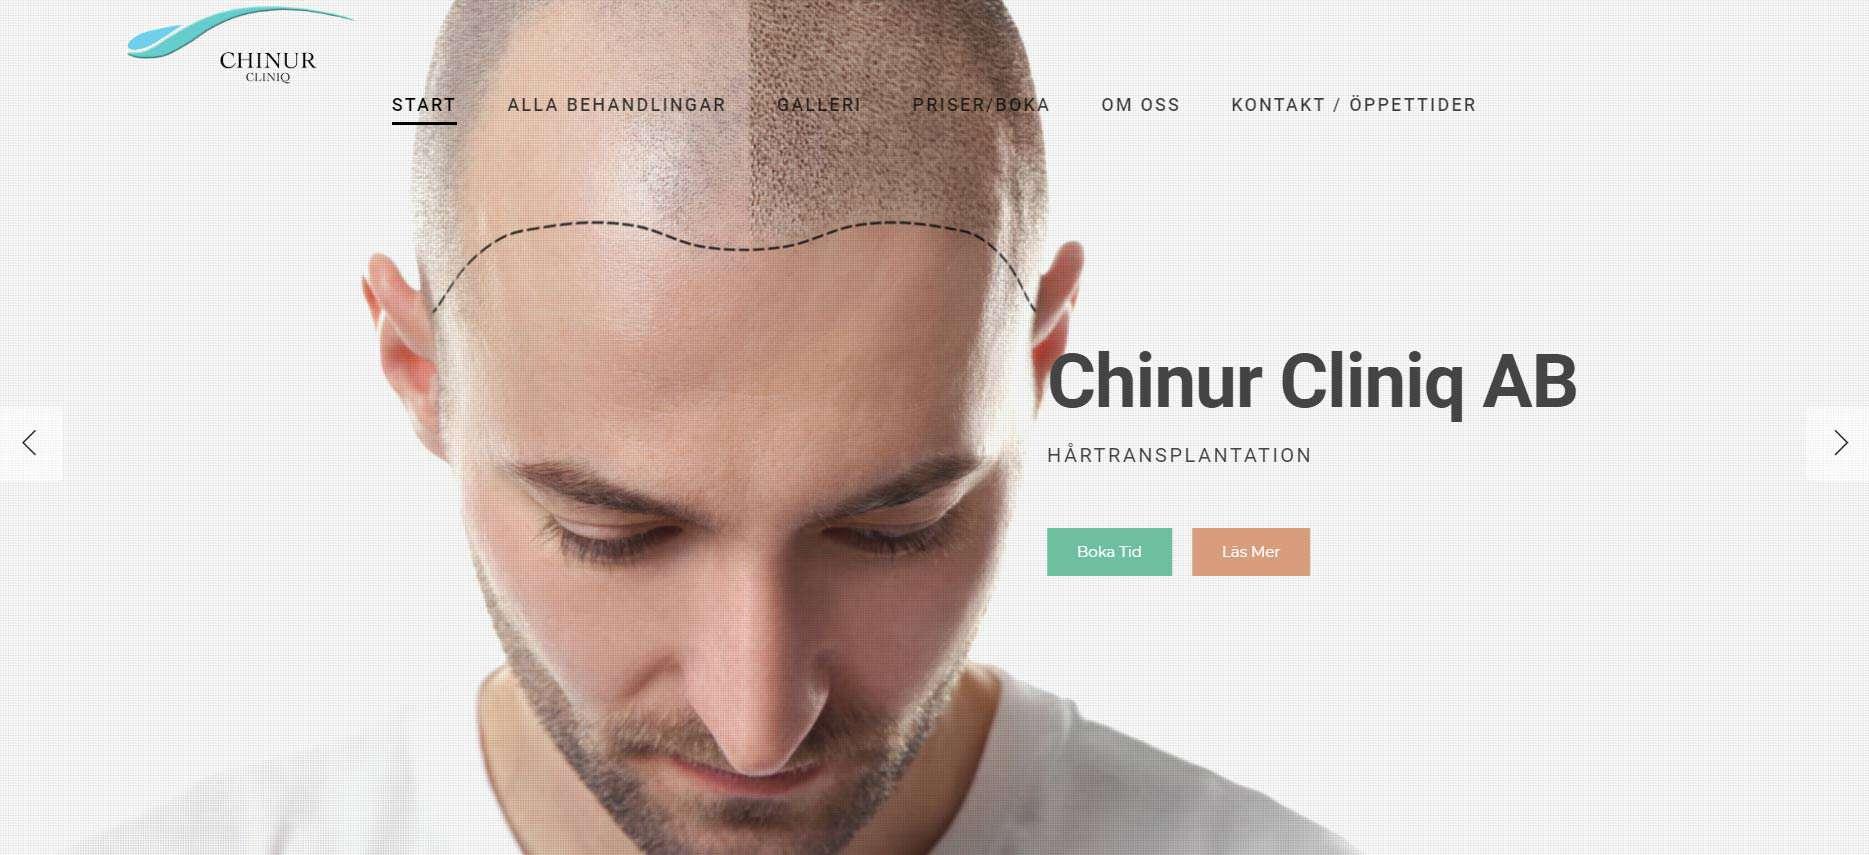 Chinur Cliniq AB